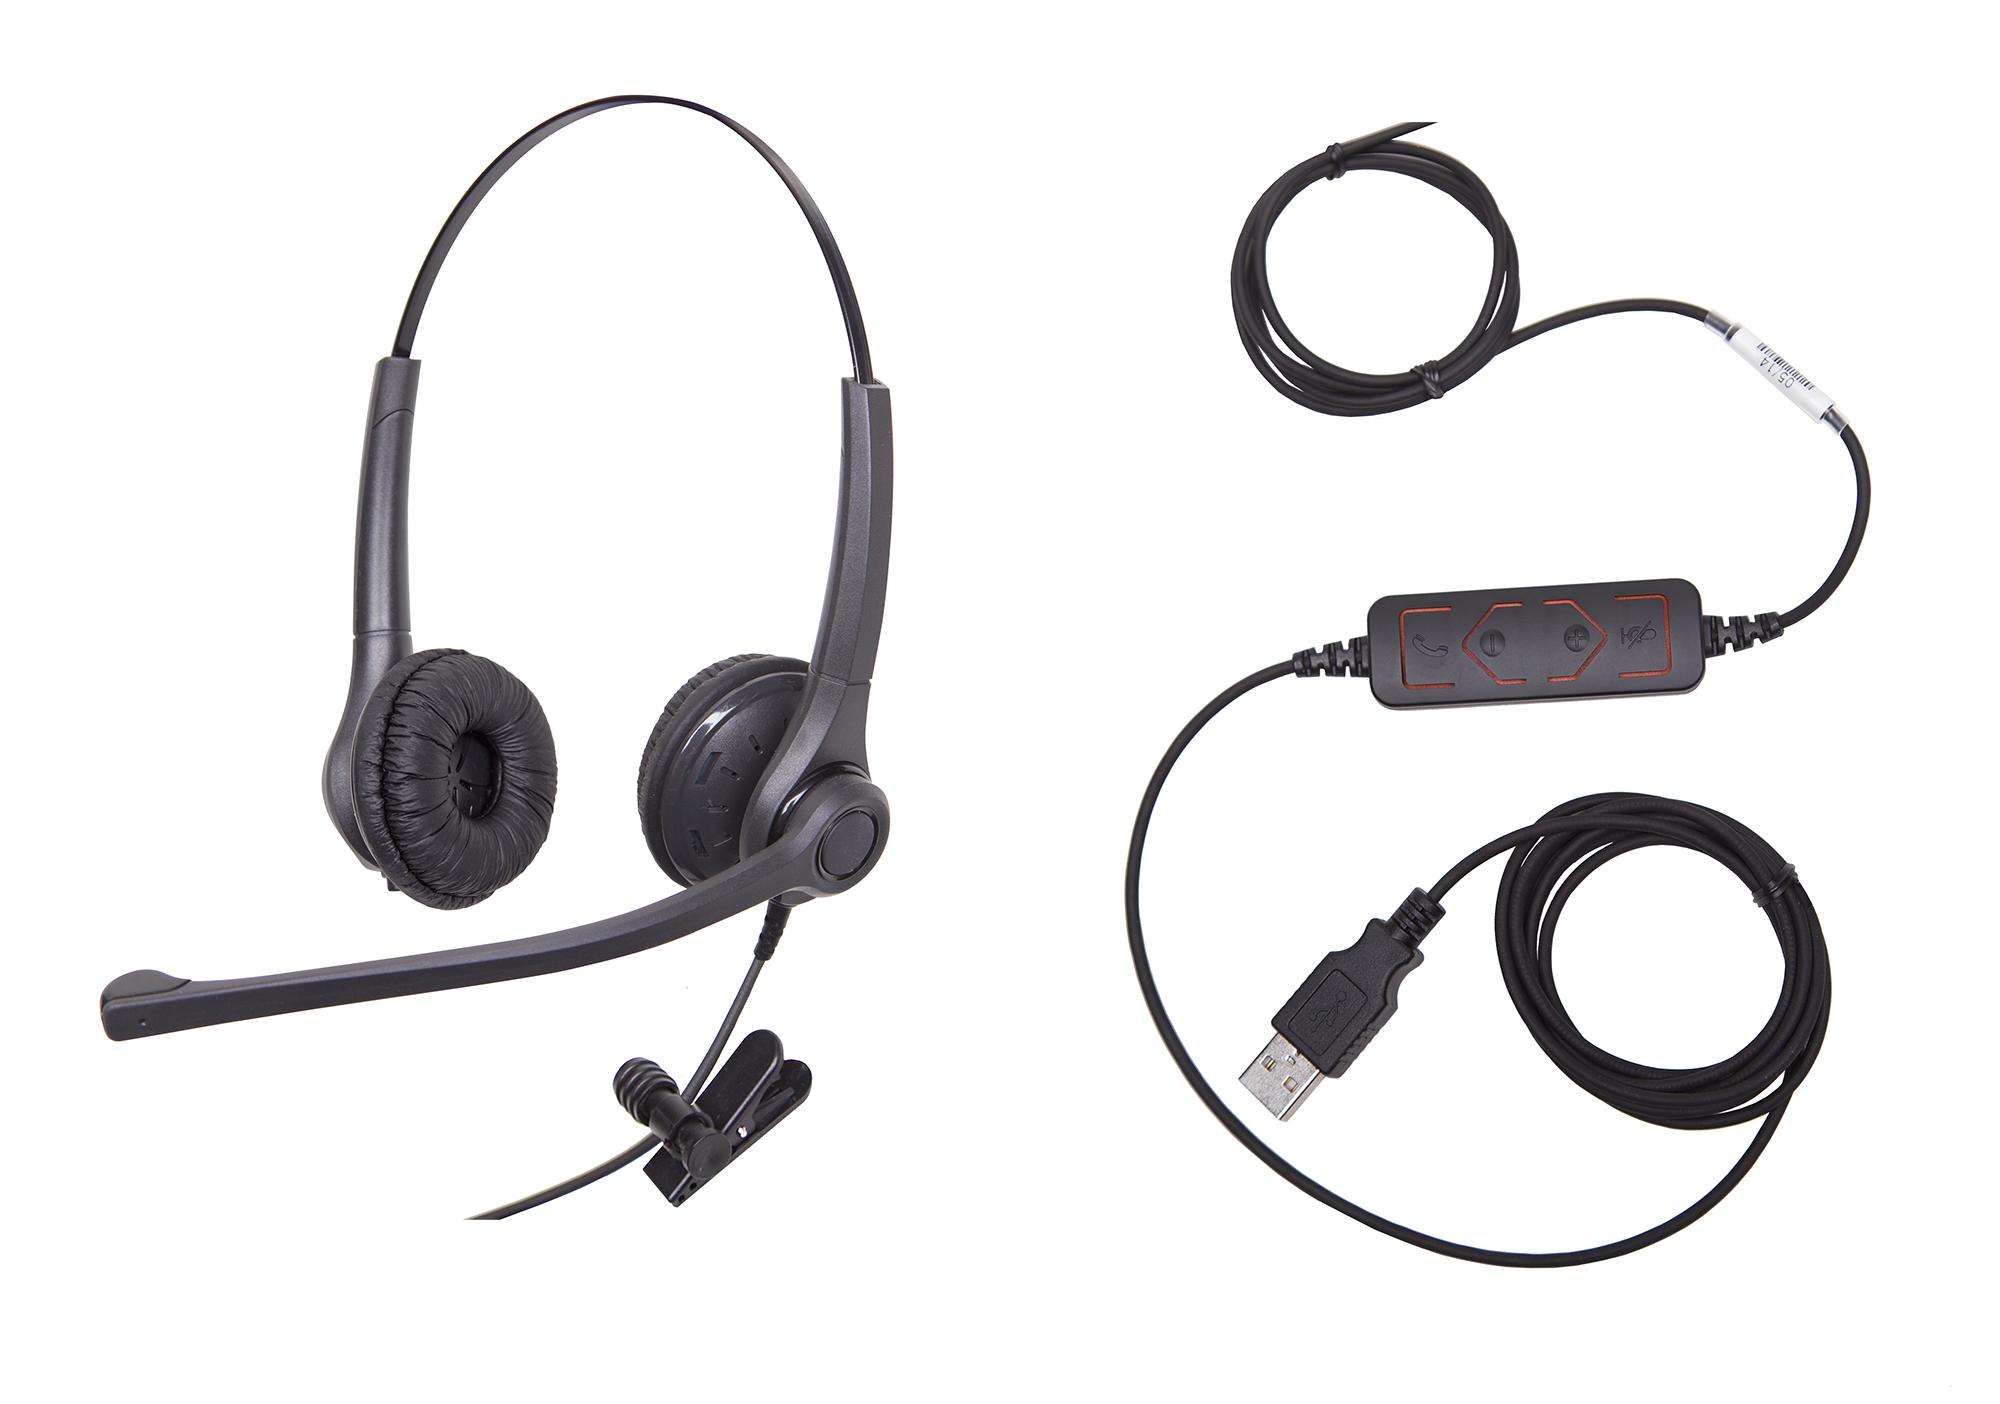 2042 Consumer Grade Stereo USB Headset